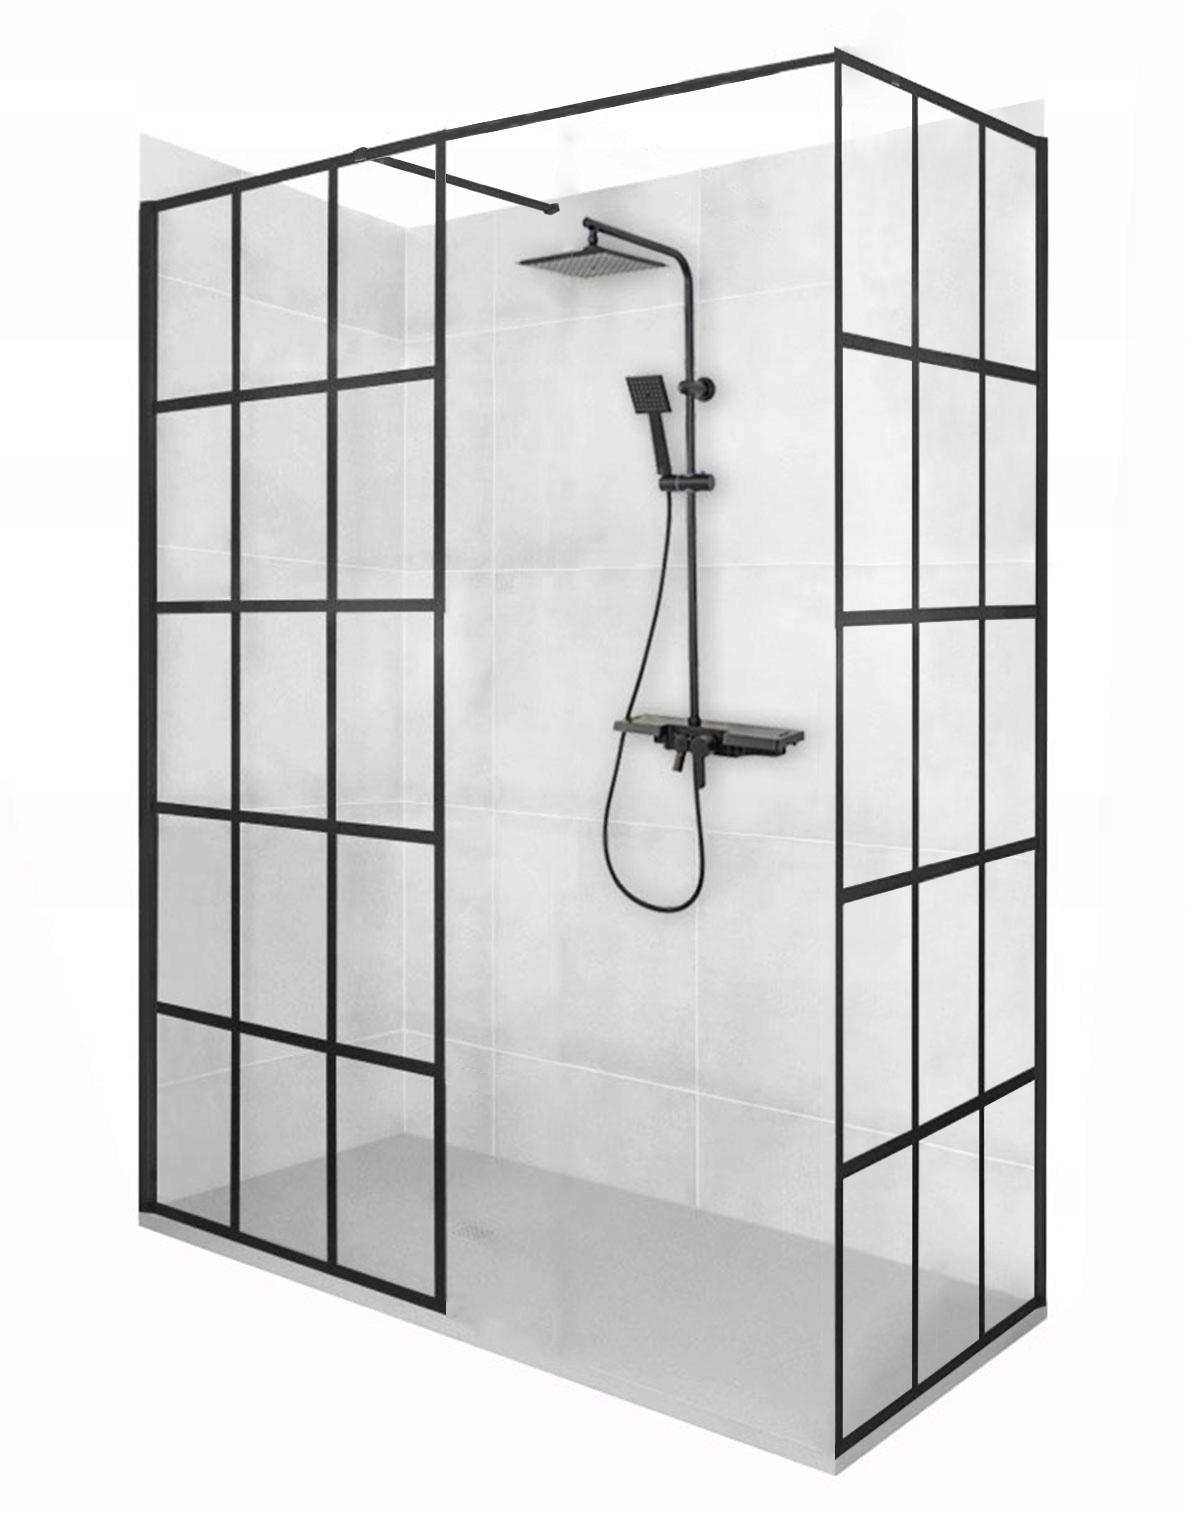 Rohový sprchový kút BLER-1 110x110 ČIERNY